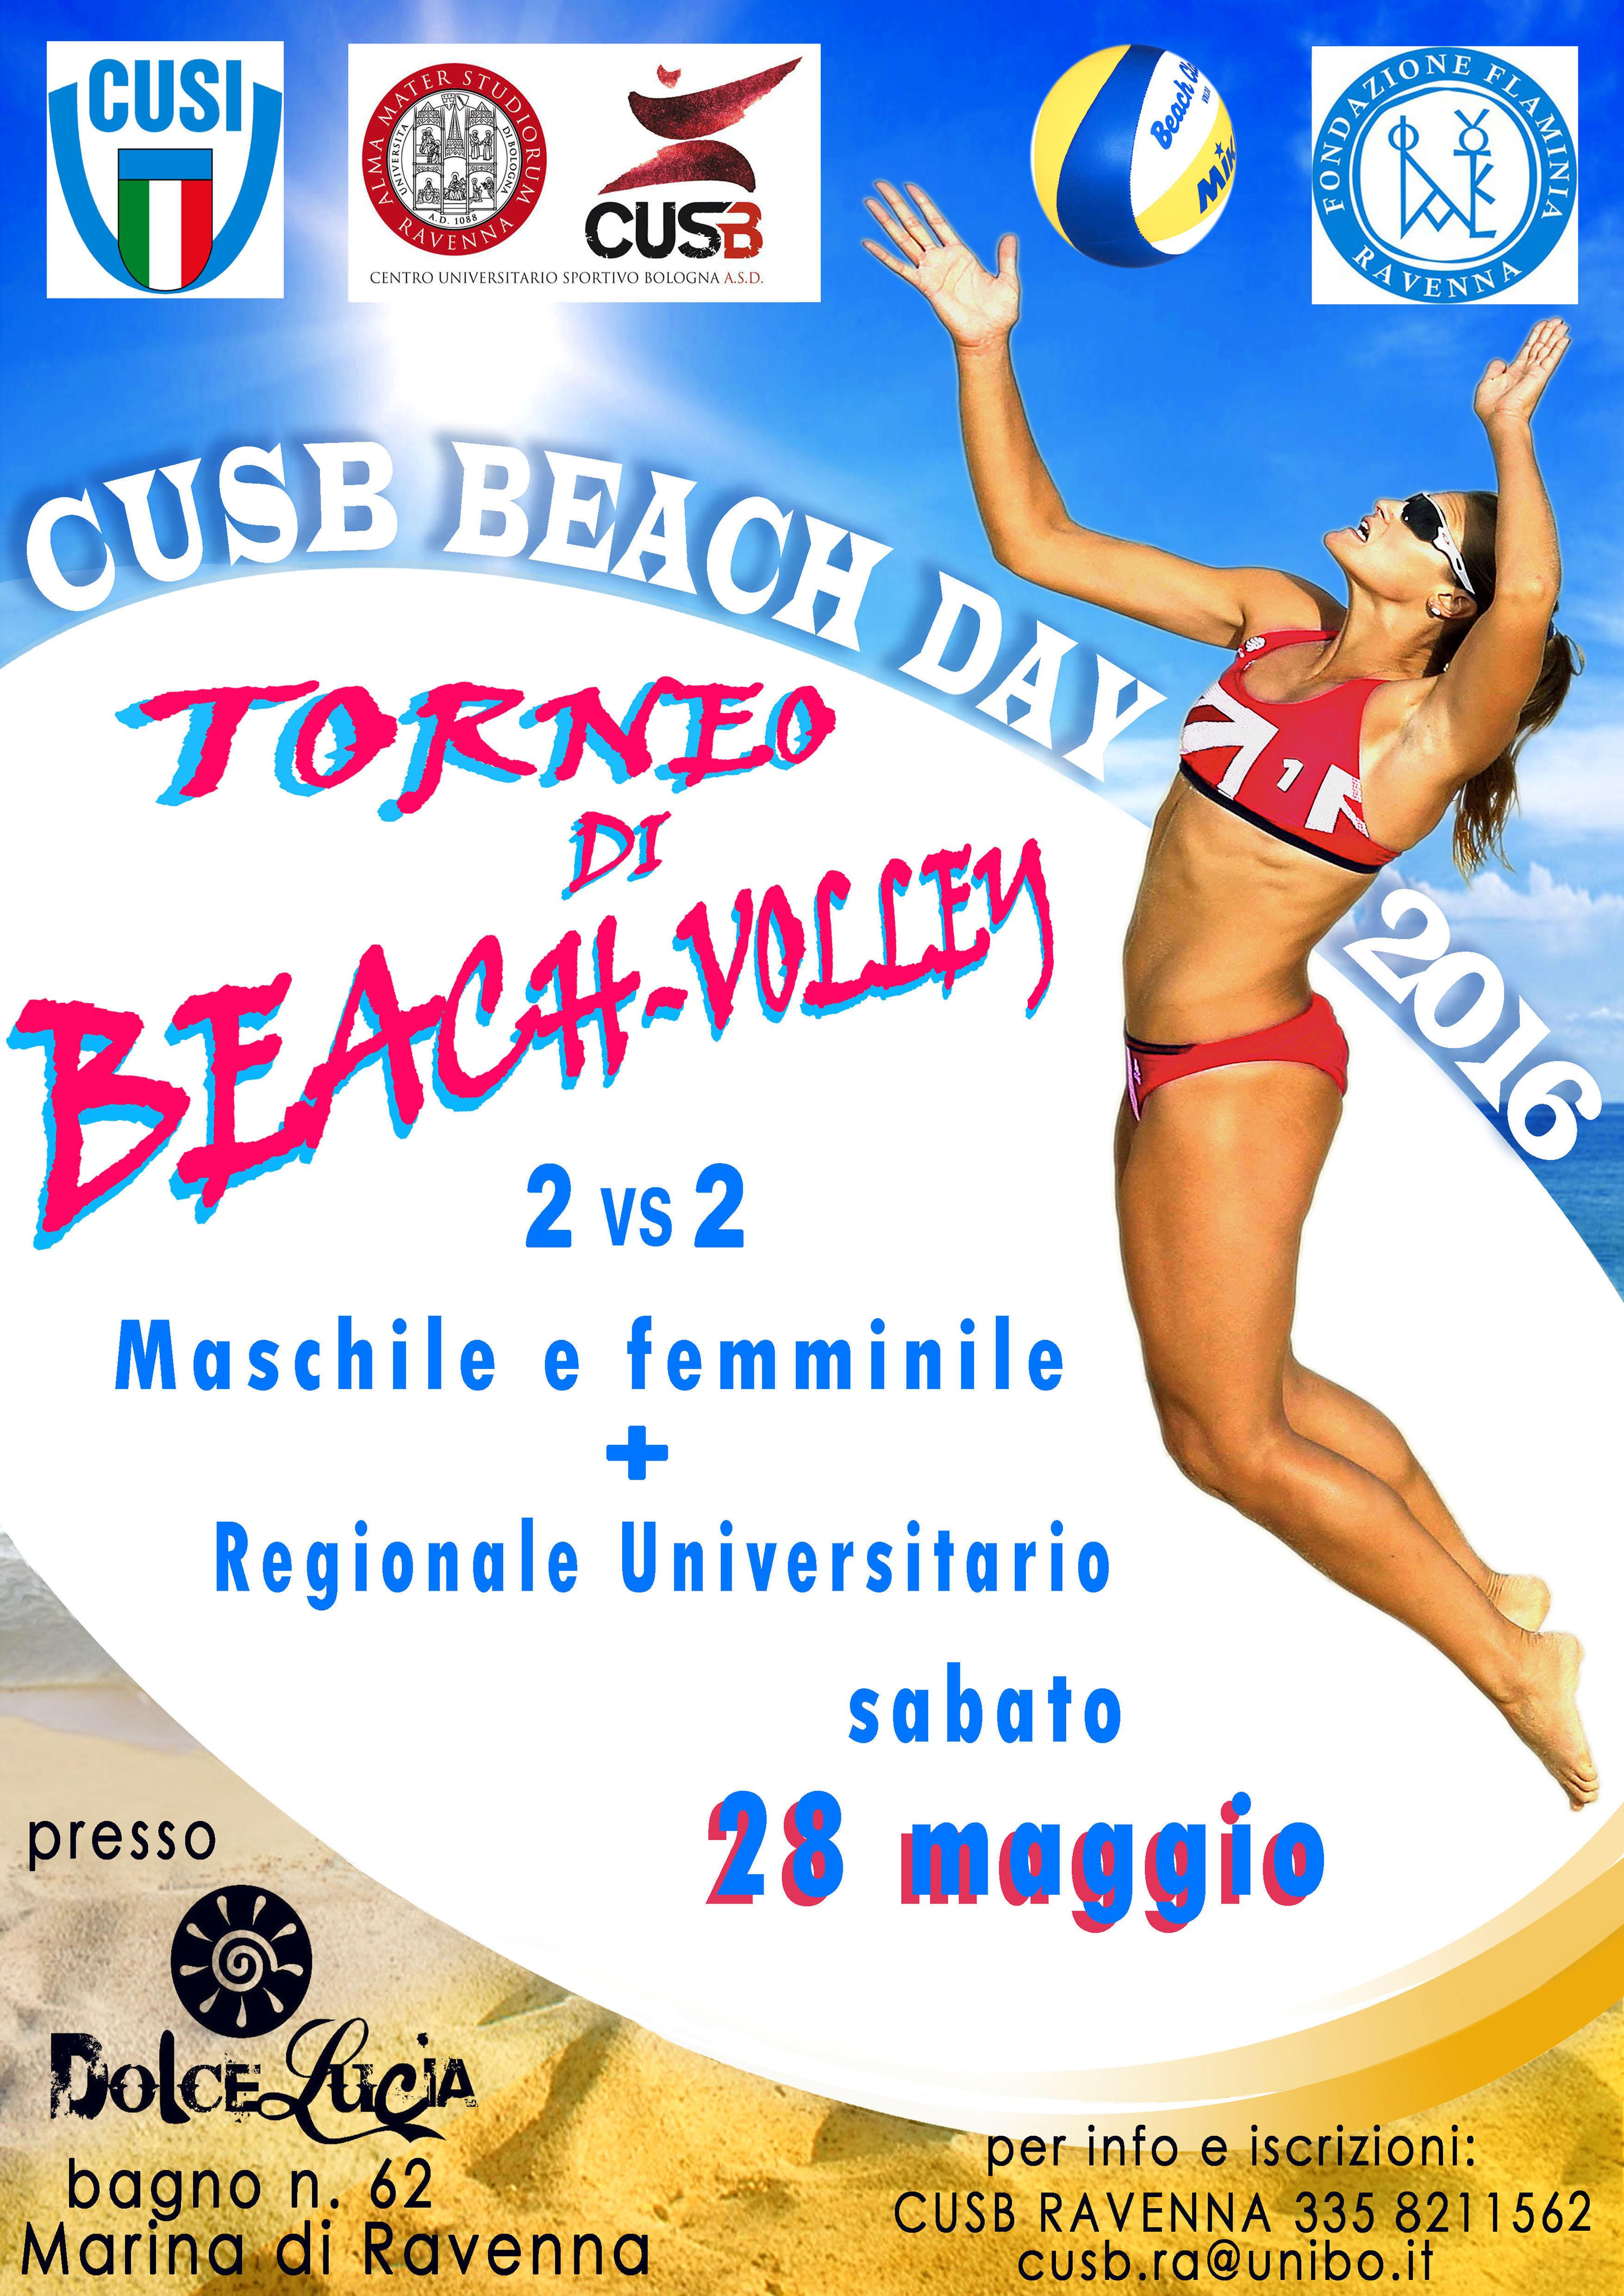 Cusb beach day 2016 universit di bologna - Bagno lucia marina di pietrasanta ...